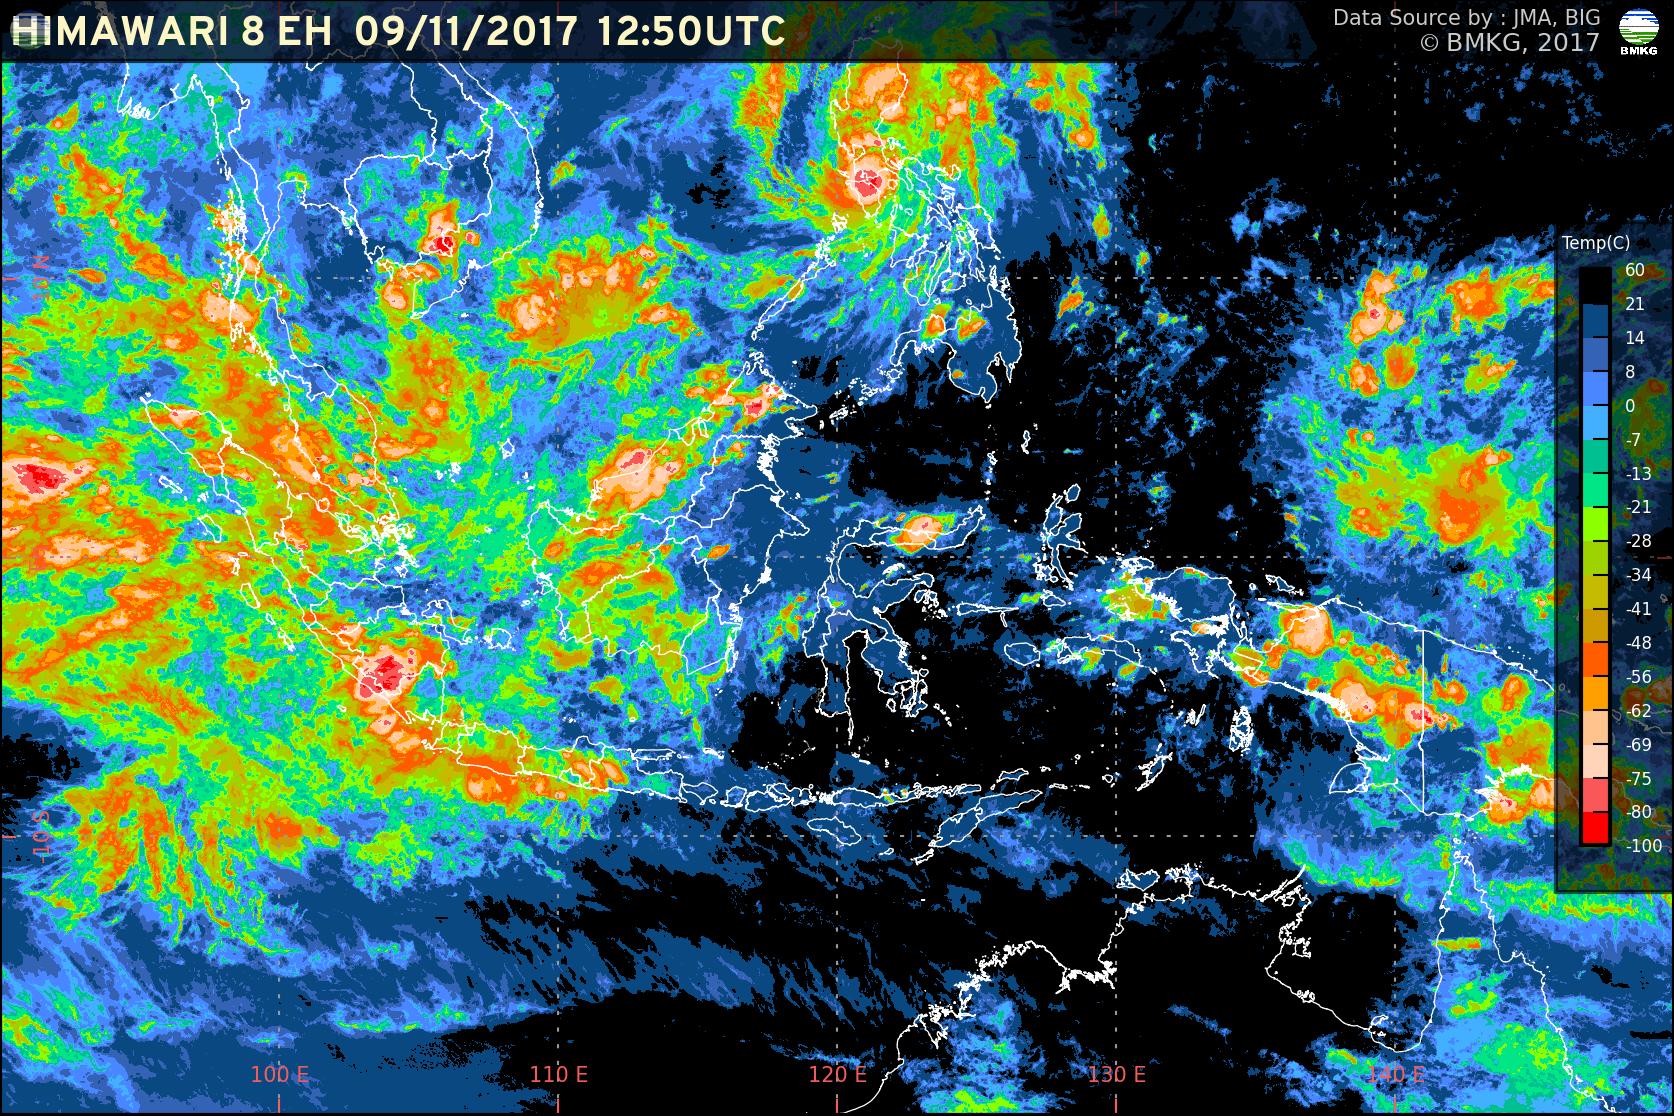 Waspada Peningkatan Potensi Hujan Lebat dan Gelombang Tinggi di Wilayah Indonesia (10-12 November 2017)